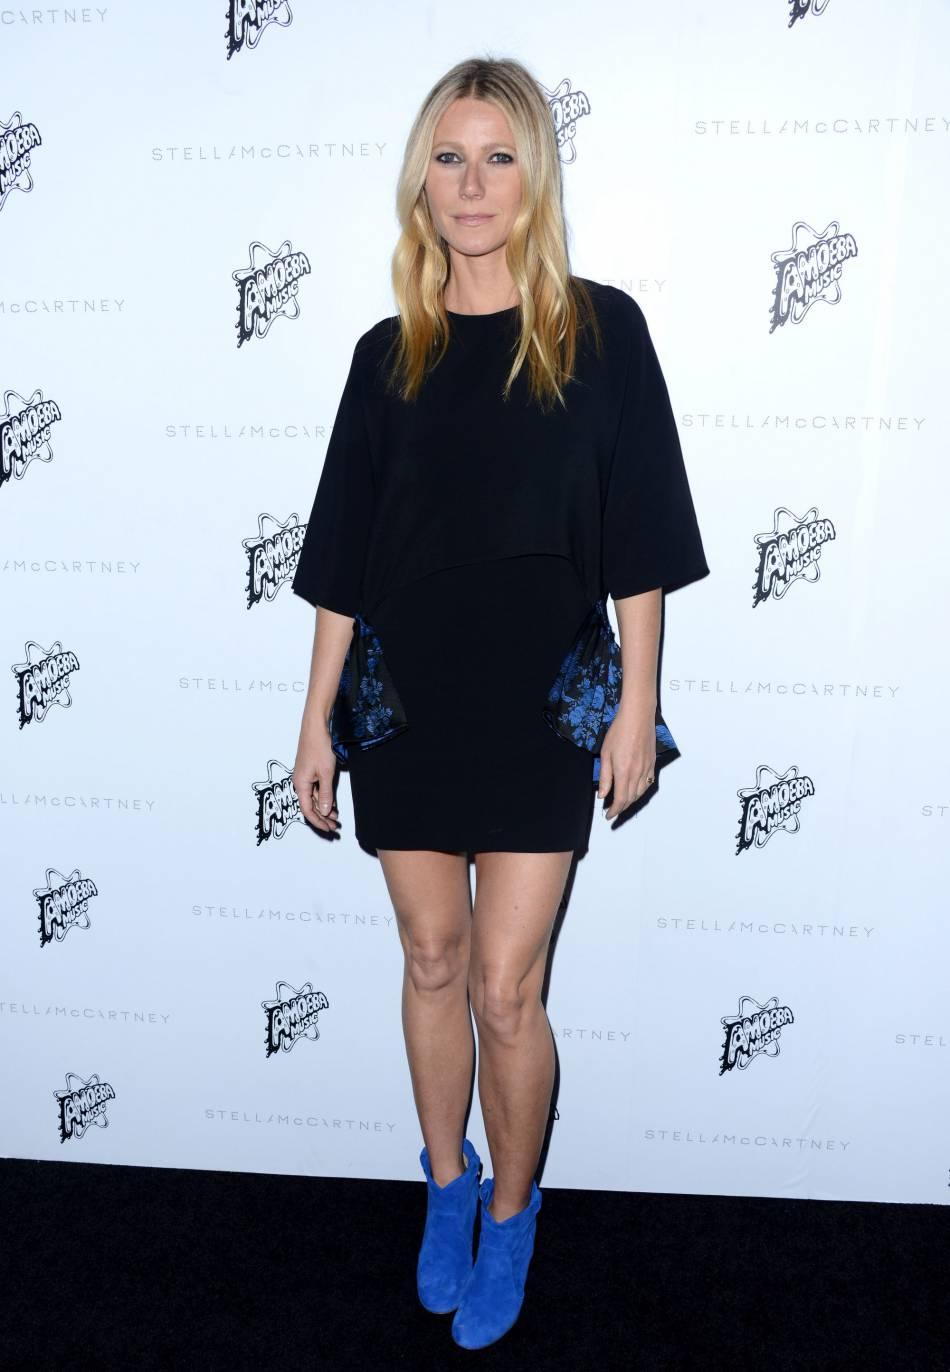 Gwyneth Paltrow joue les quadras plus cools : manger bio c'est bien, mais si on peut boire un verre de temps en temps, c'est mieux !